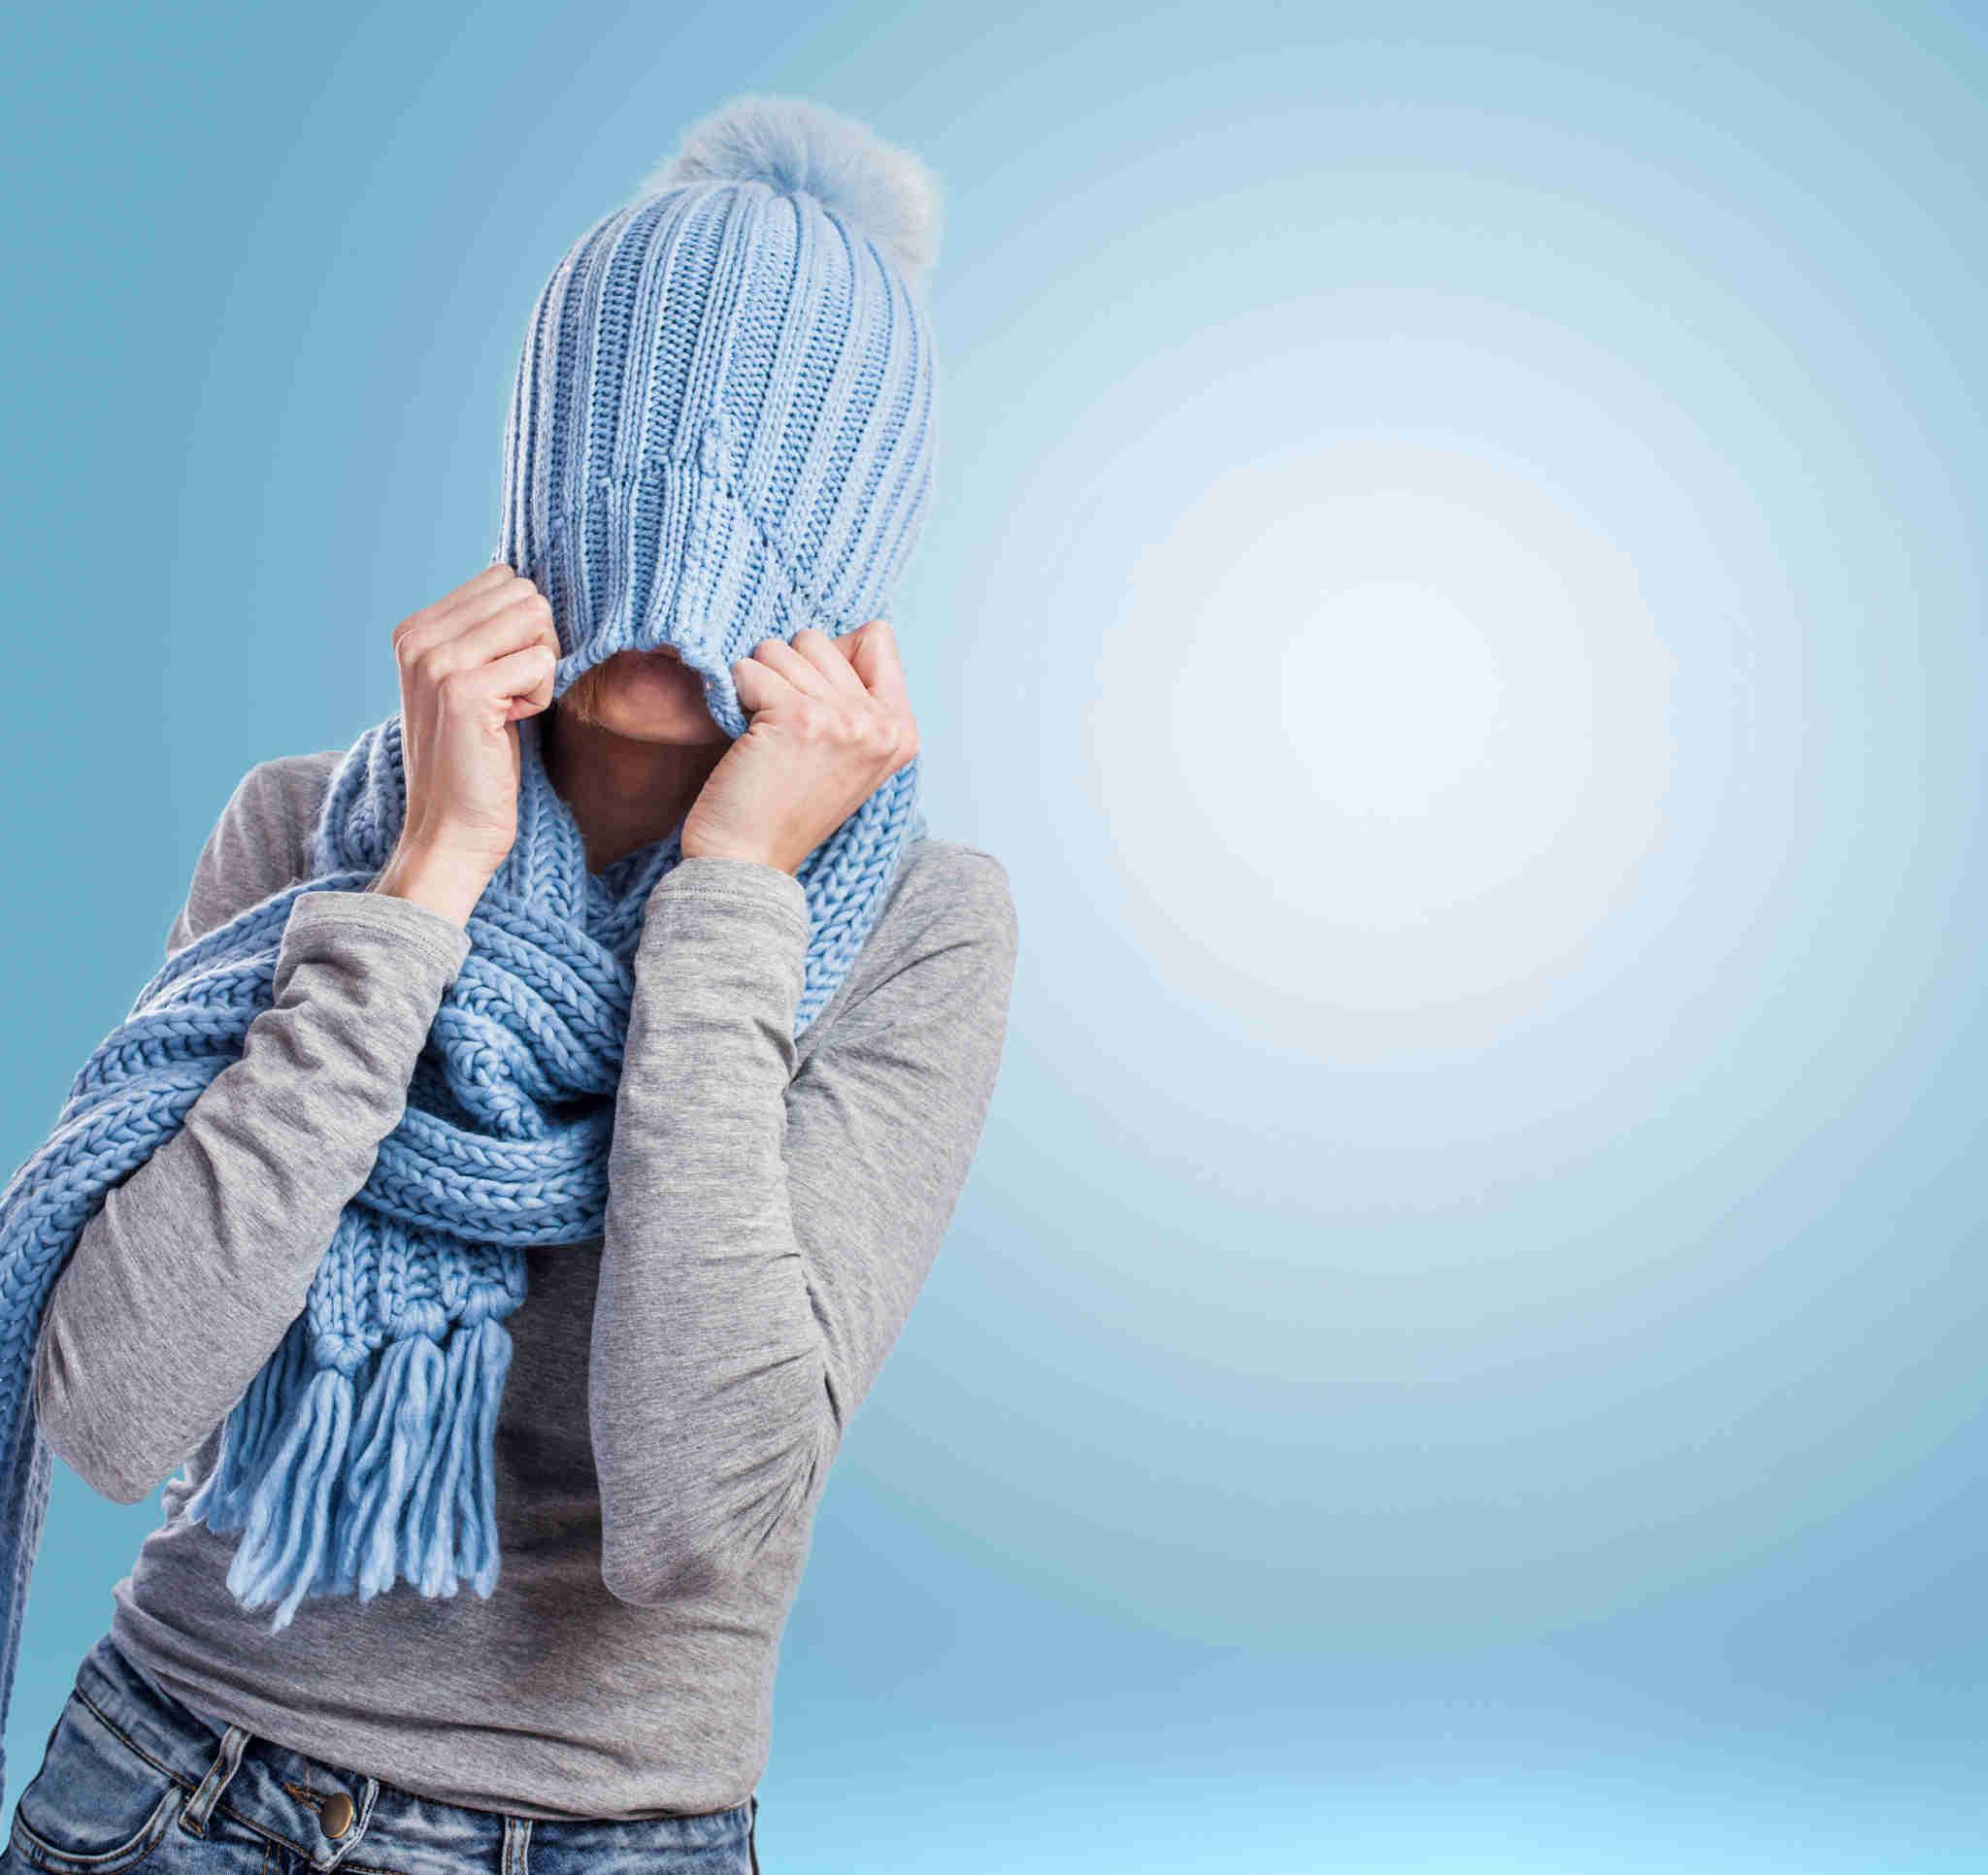 Protéger la peau du froid